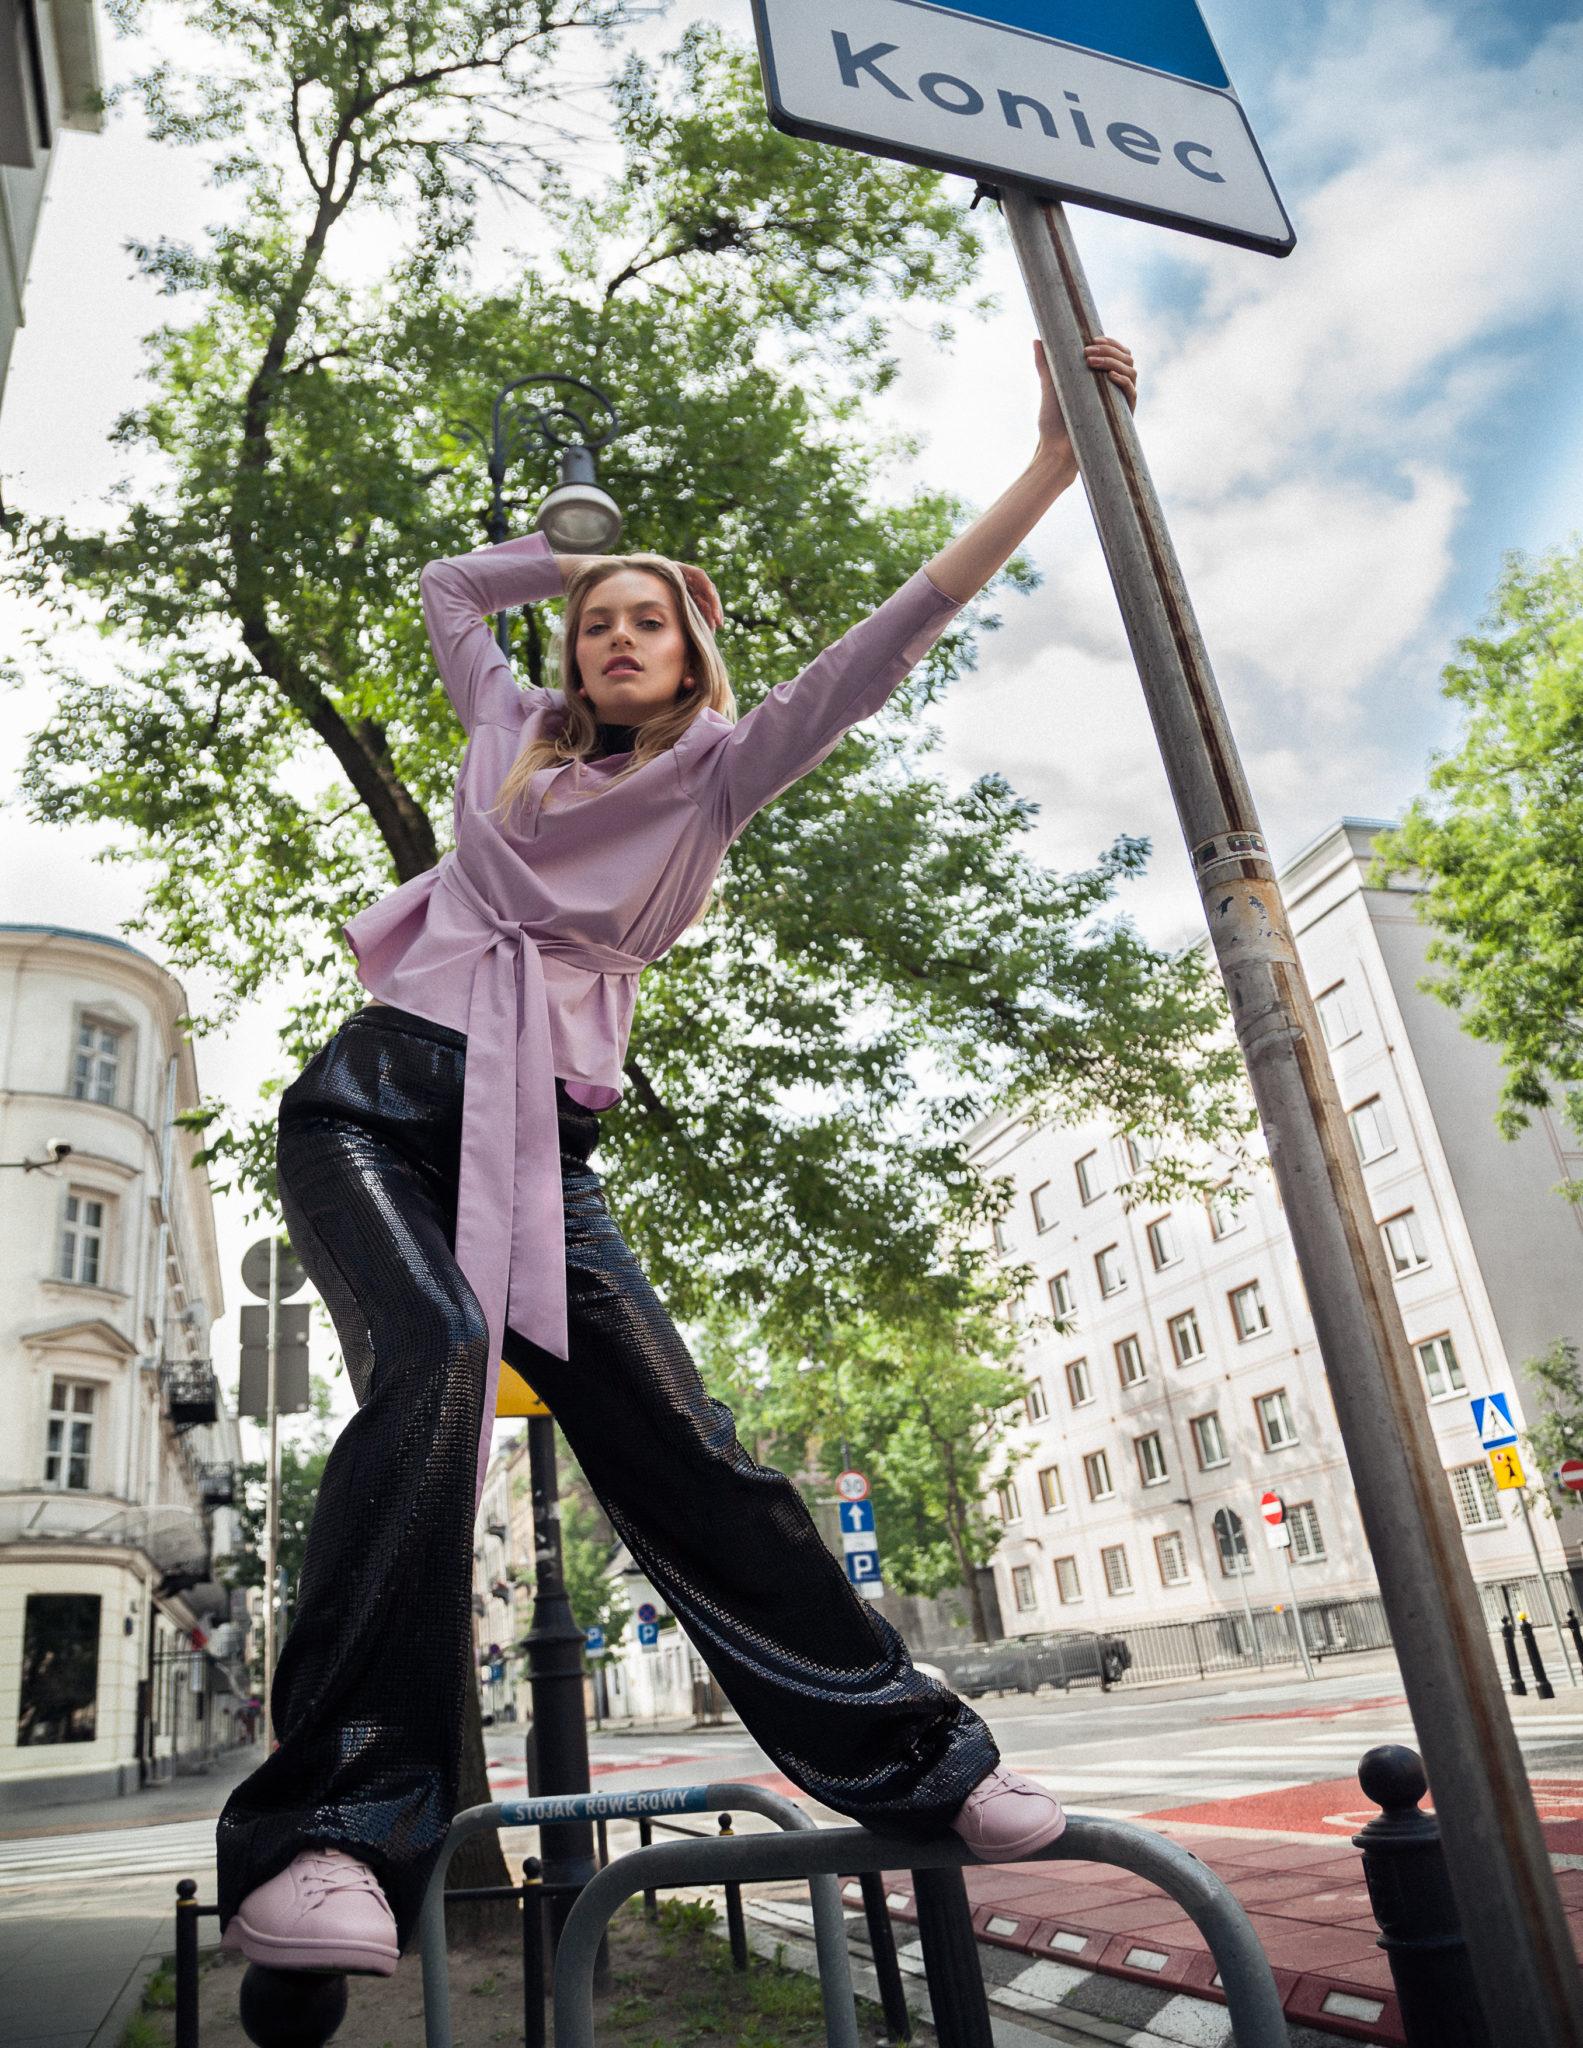 Dziewczyna w czarnych spodniach i fioletowej bluzce trzymająca się za słup na ulicy